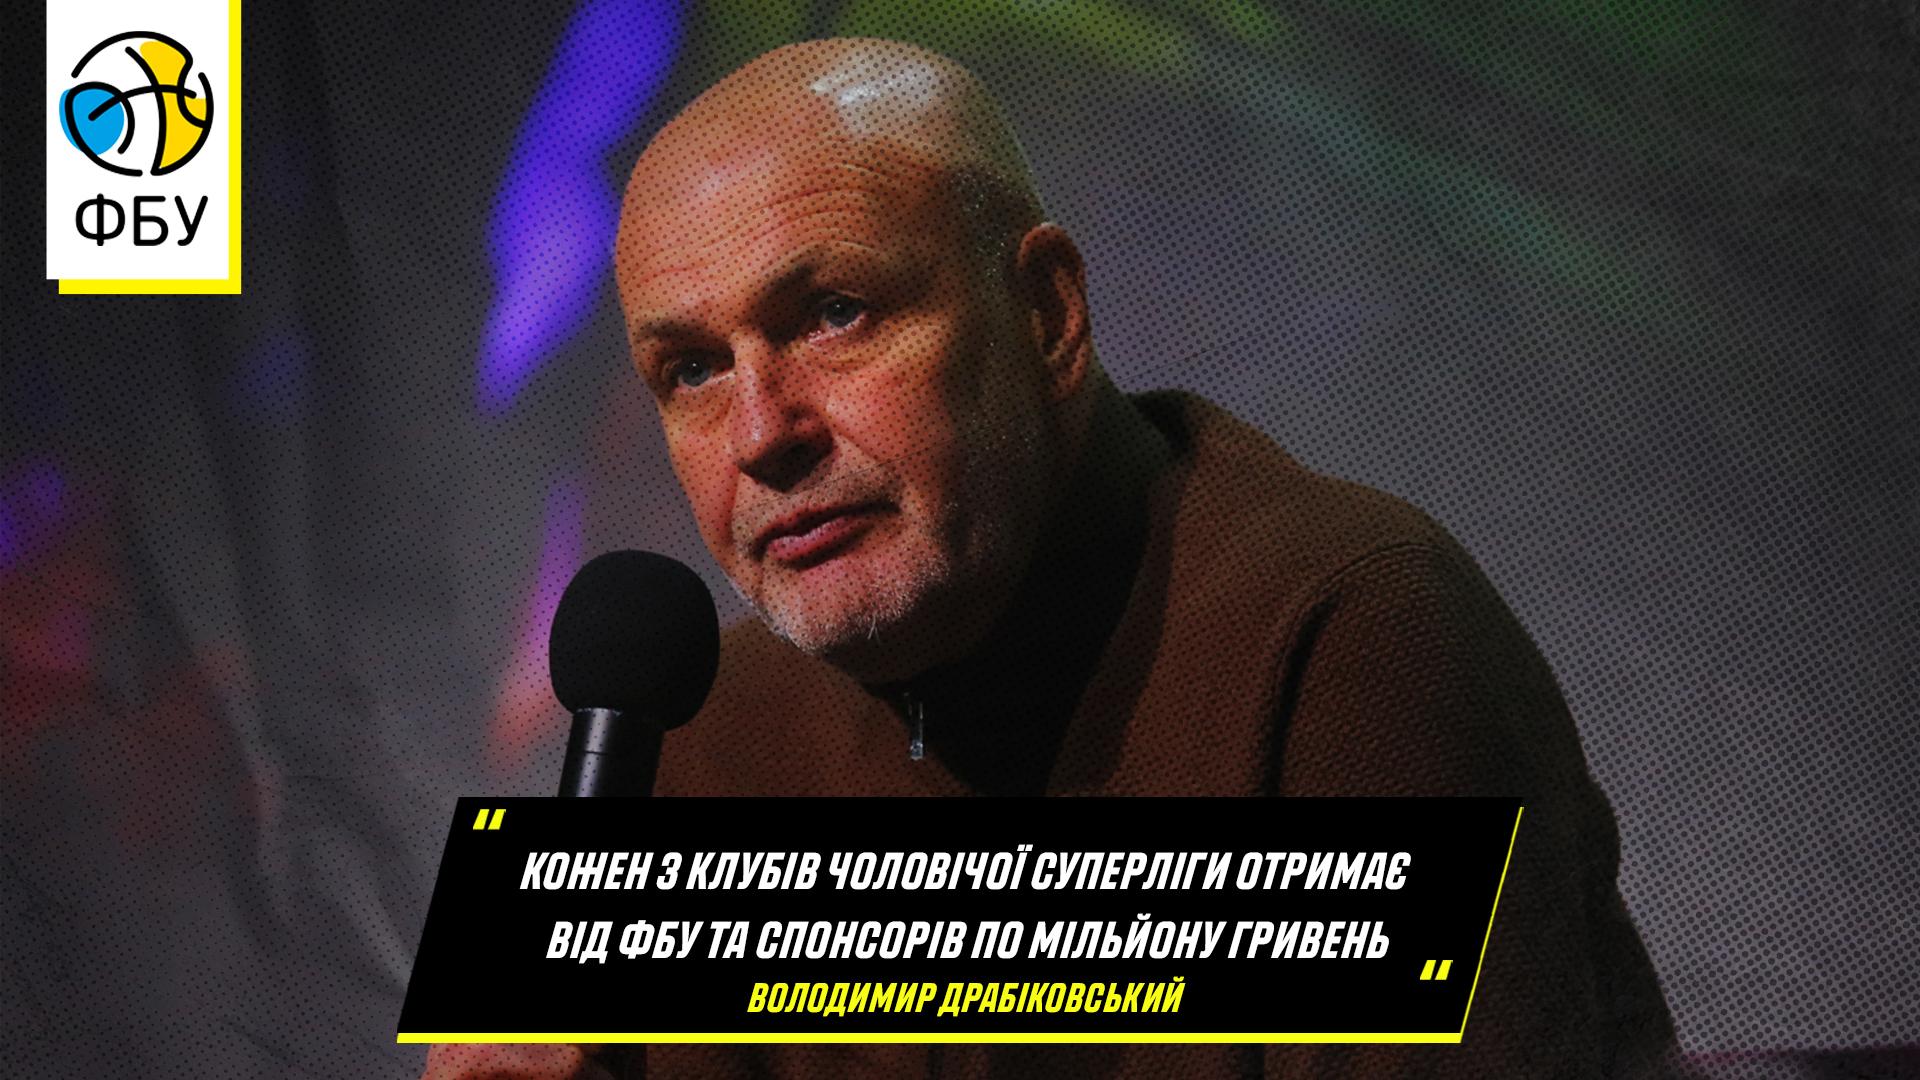 Володимир Драбіковський: кожен з клубів чоловічої Суперліги отримає від ФБУ та спонсорів по мільйону гривень